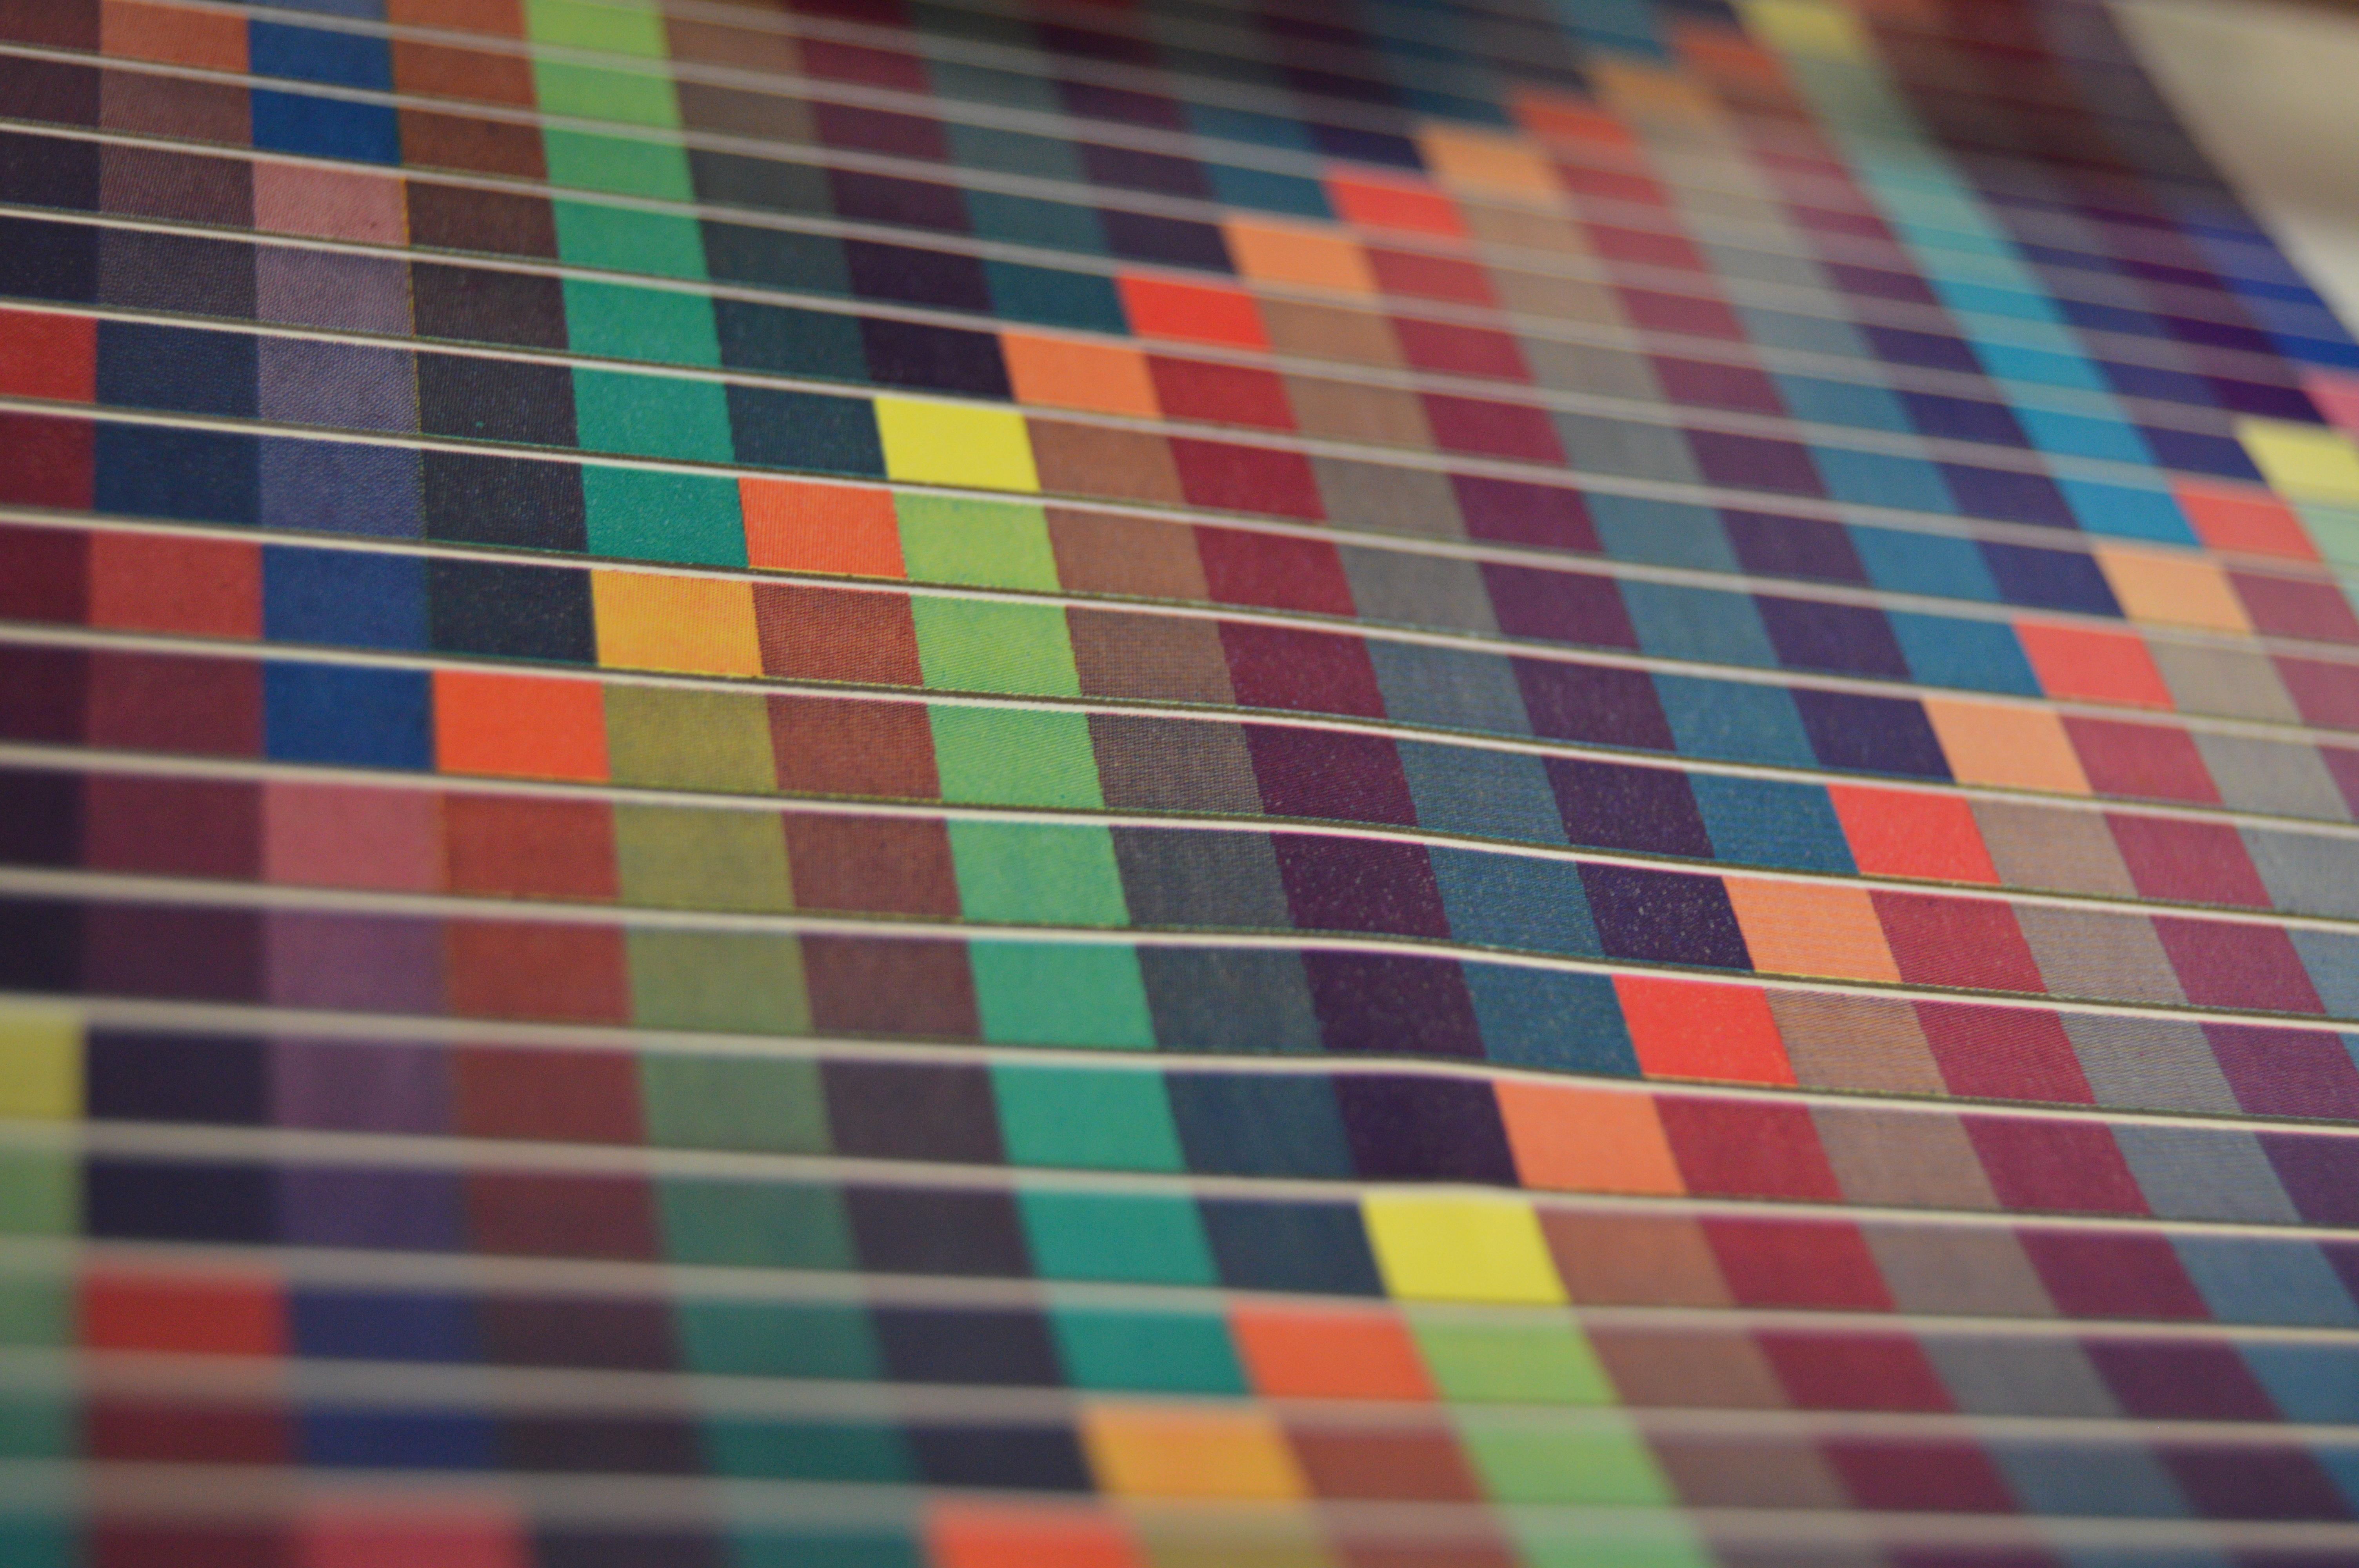 Flexo Printing vs Gravure Printing